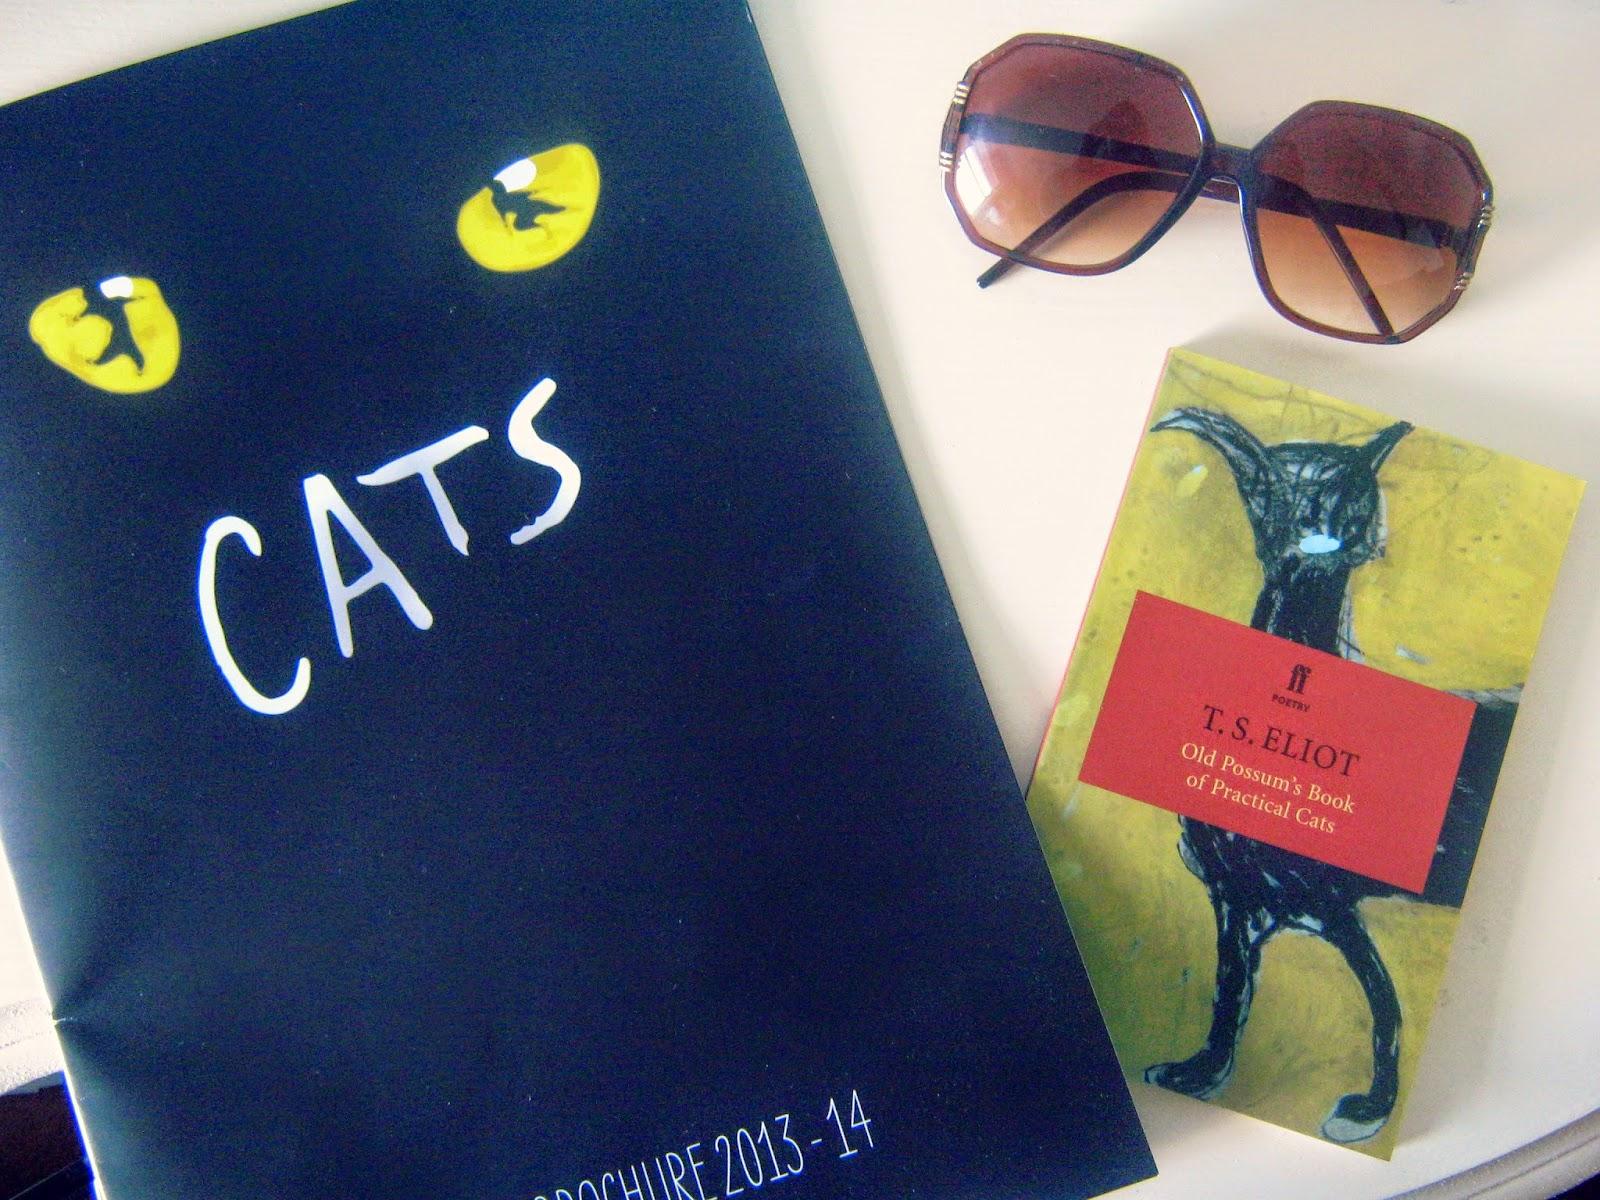 Llandudno Cats Andrew Lloyd Webber